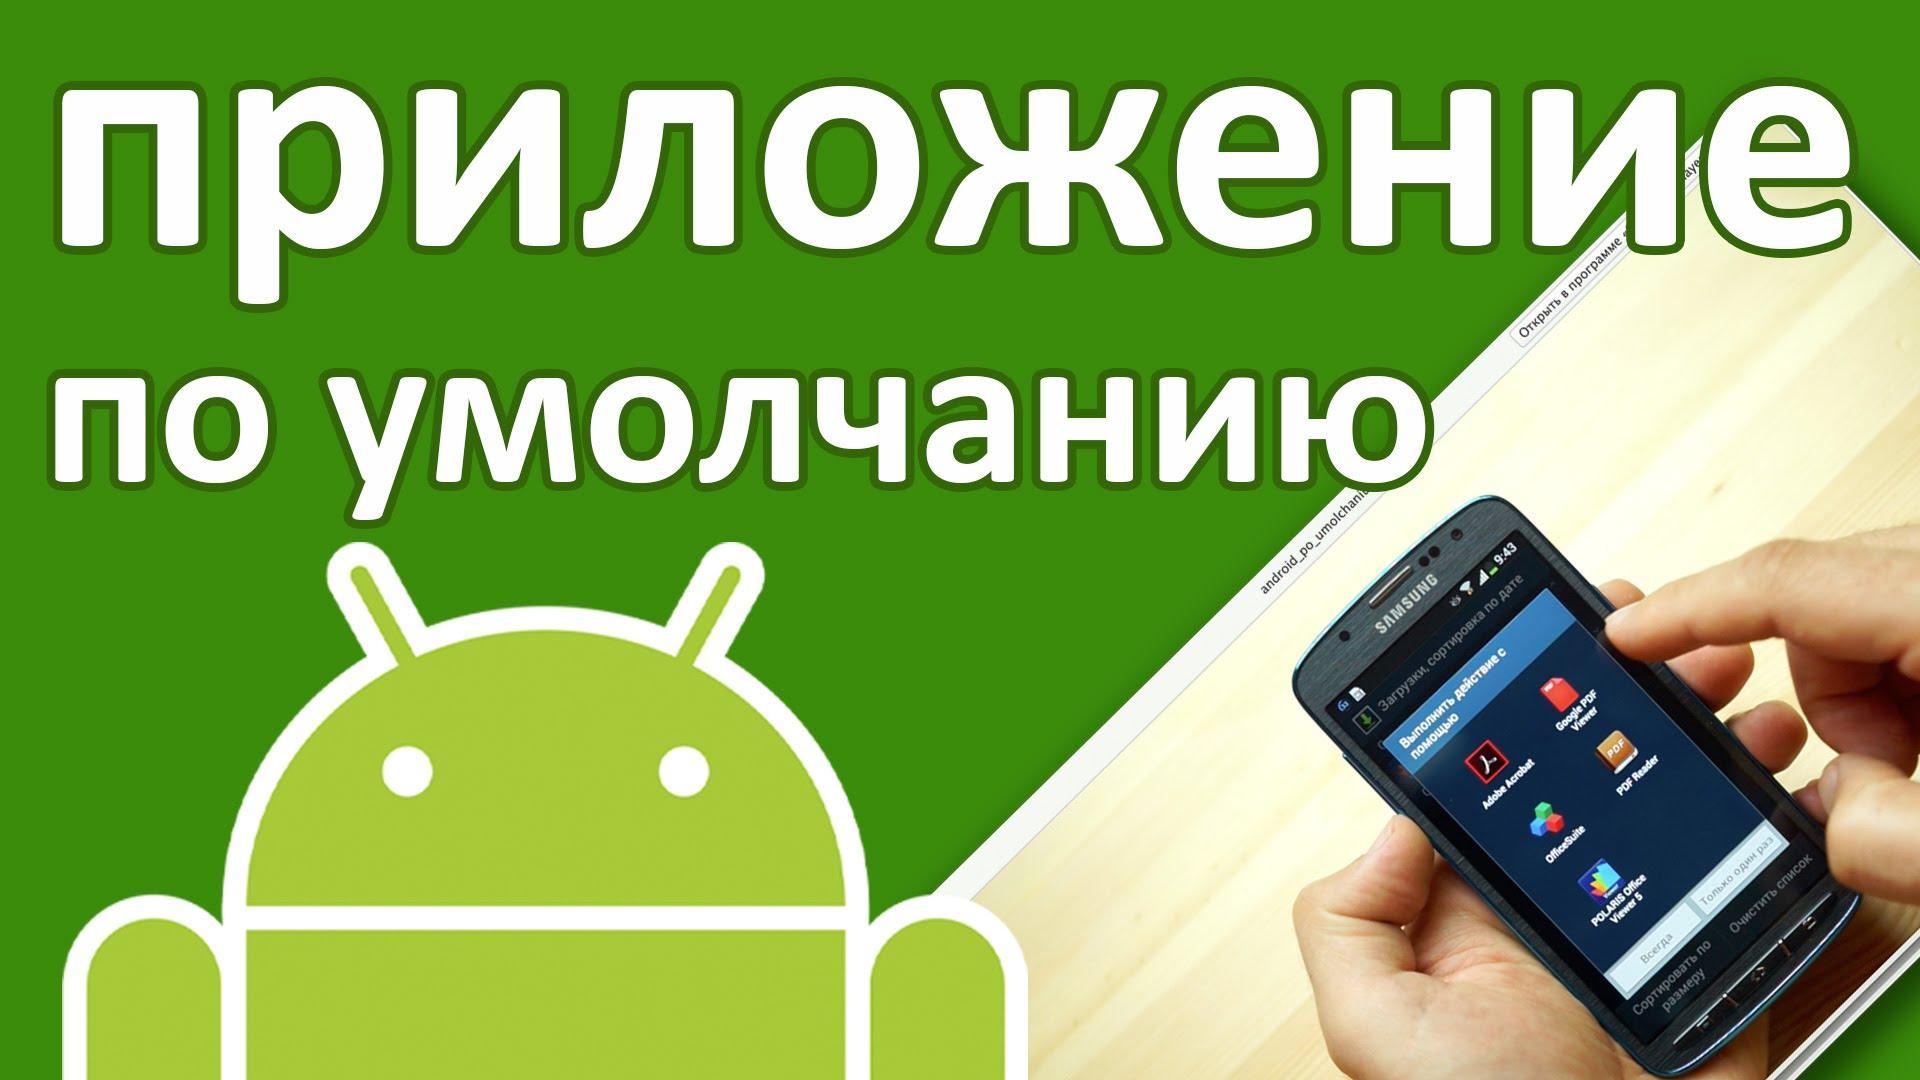 Как изменить приложения по умолчанию в Android?